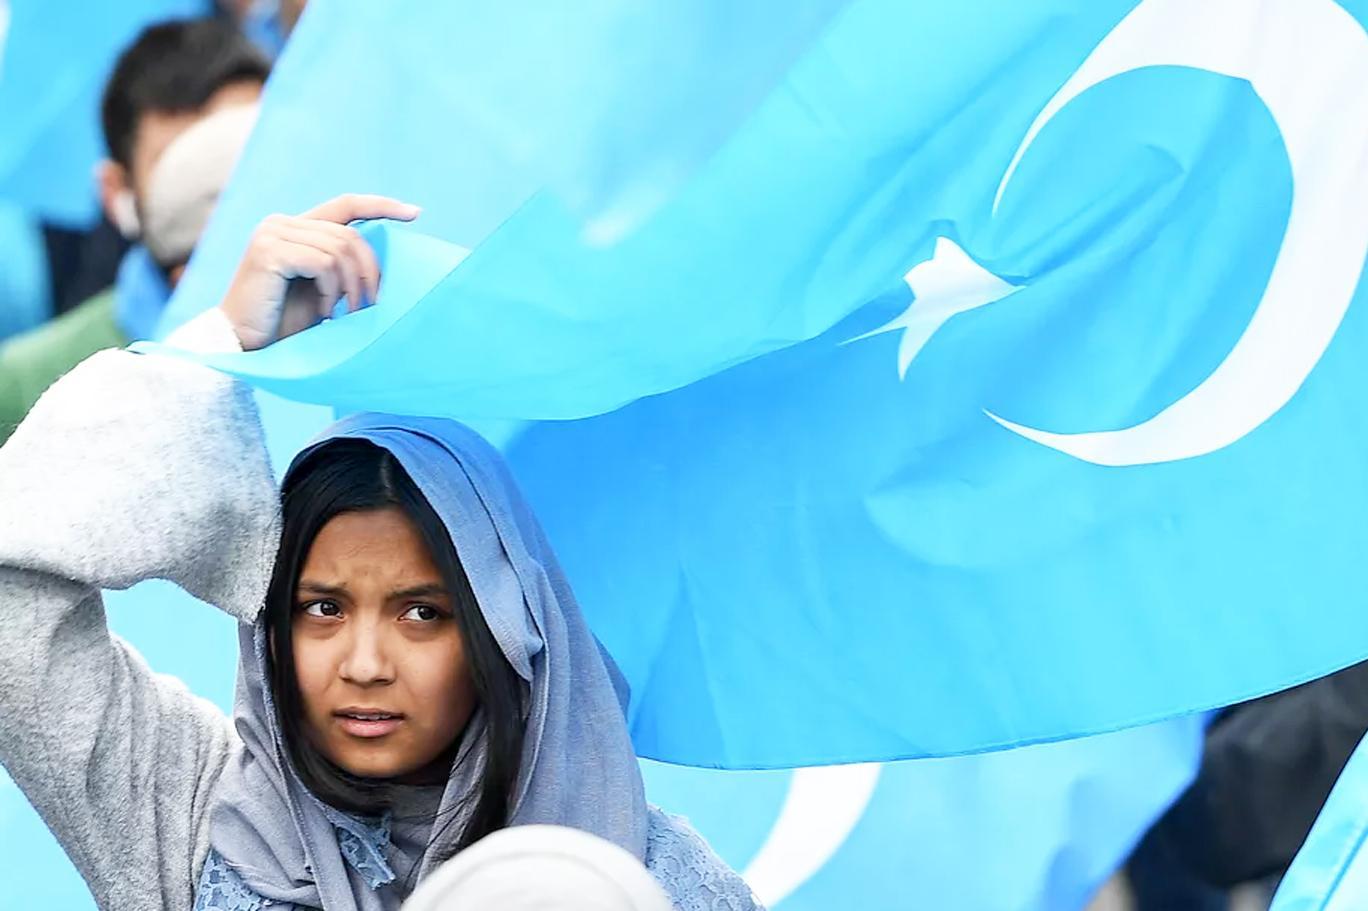 Çin hükümetinden Doğu Türkistan raporu: Uygurlar Türk değil